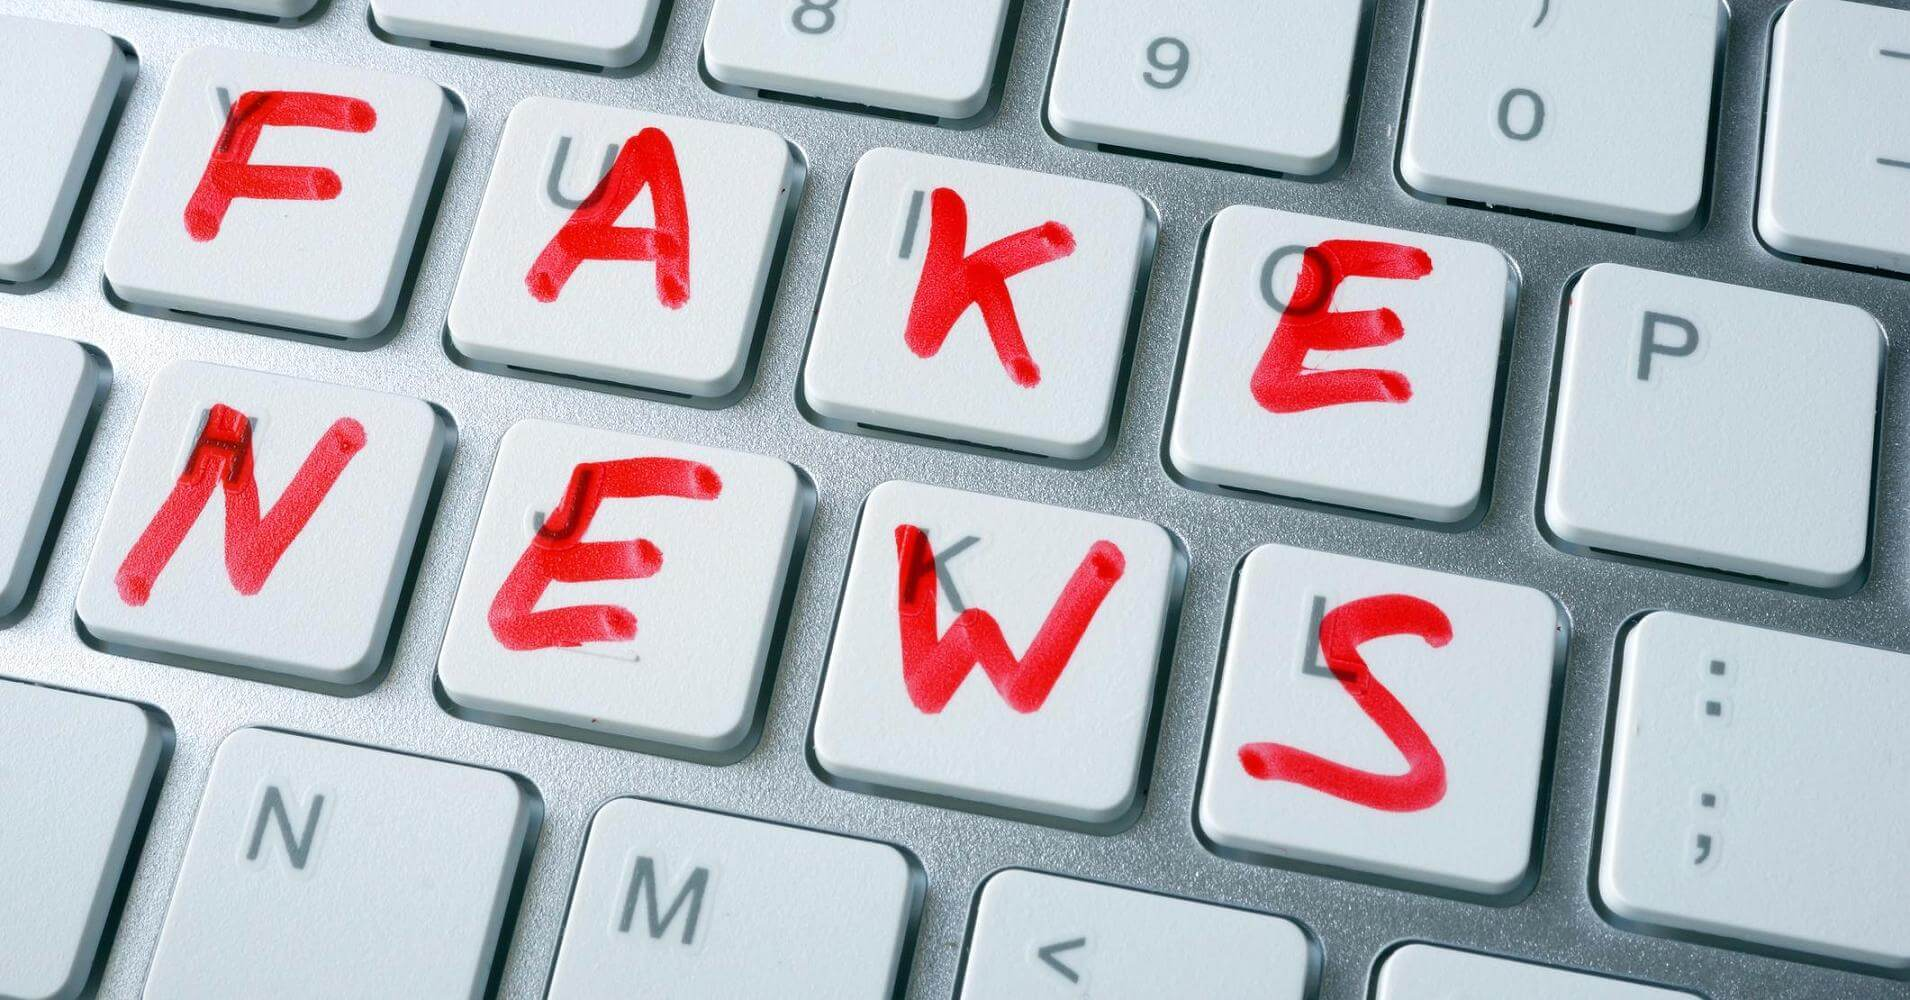 Kremlinul vrea să combată fenomenul fake news la nivel internațional